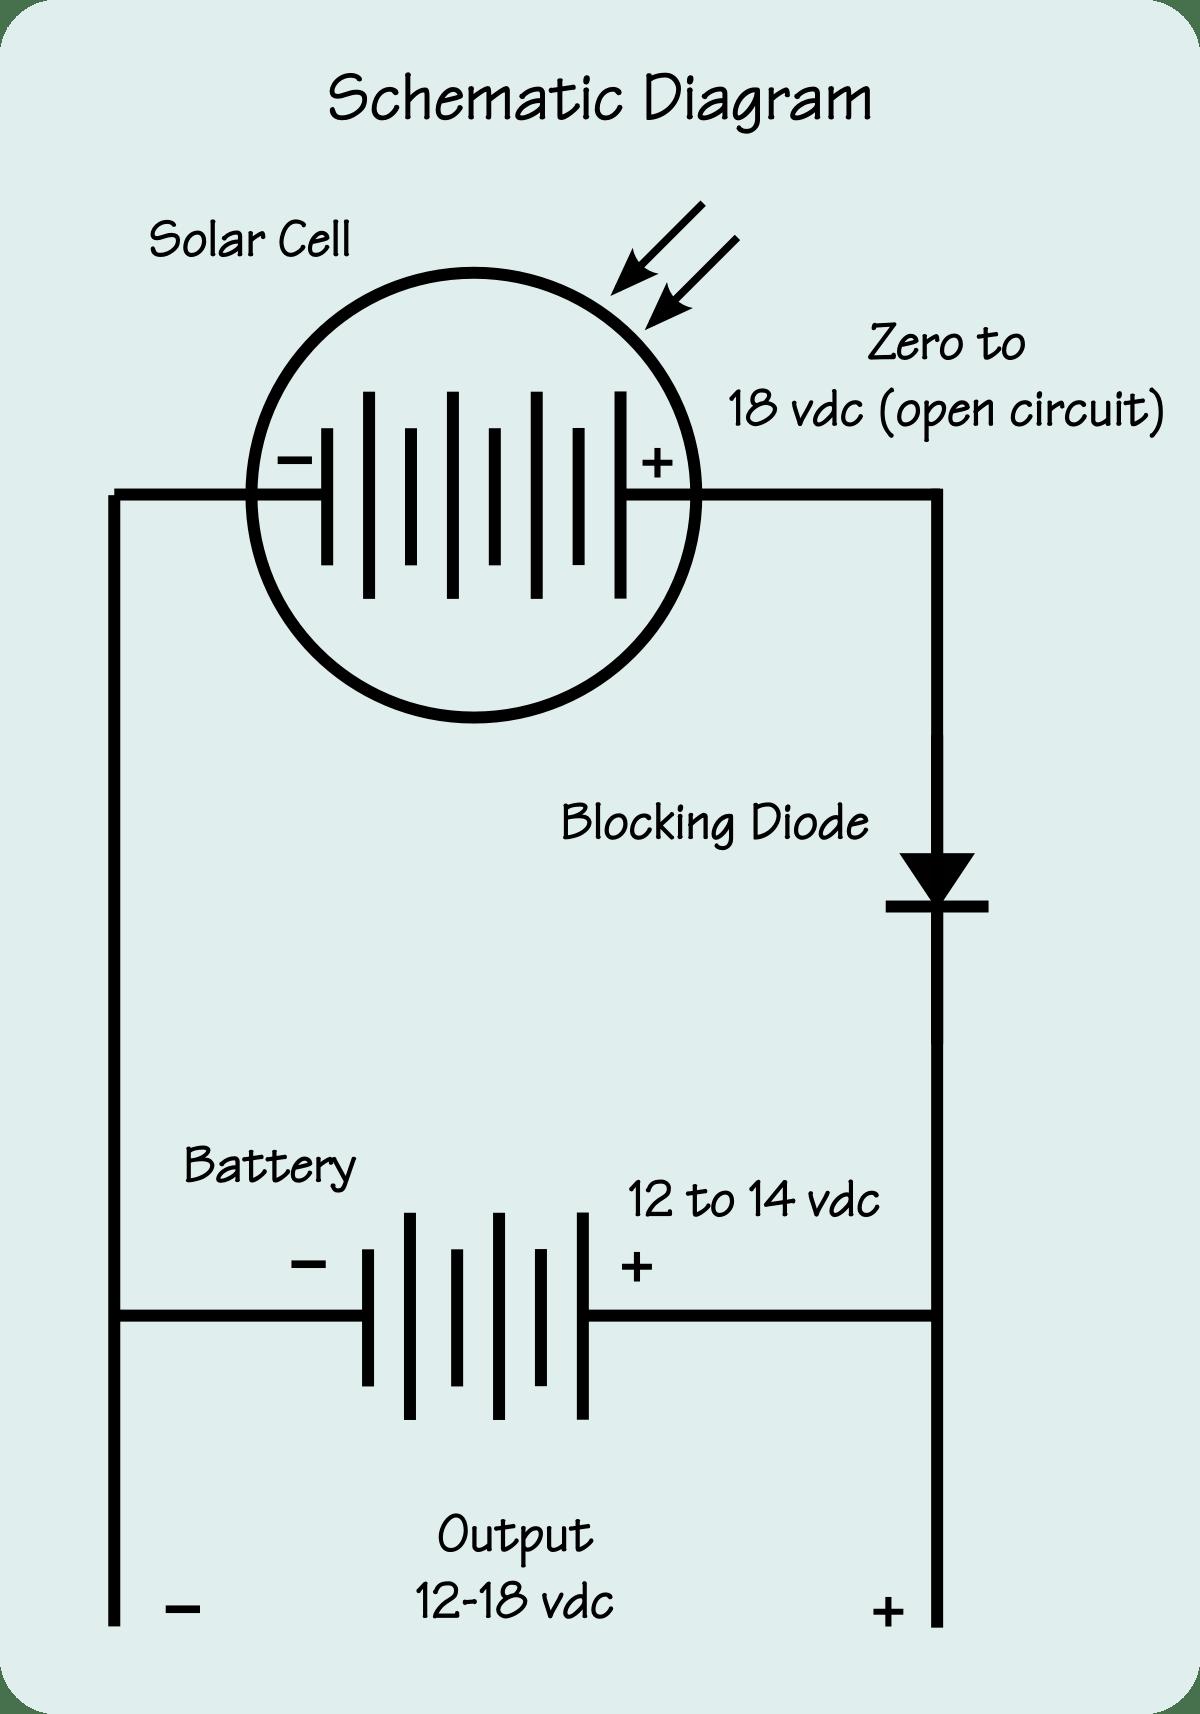 solar panel blocking diode schematic